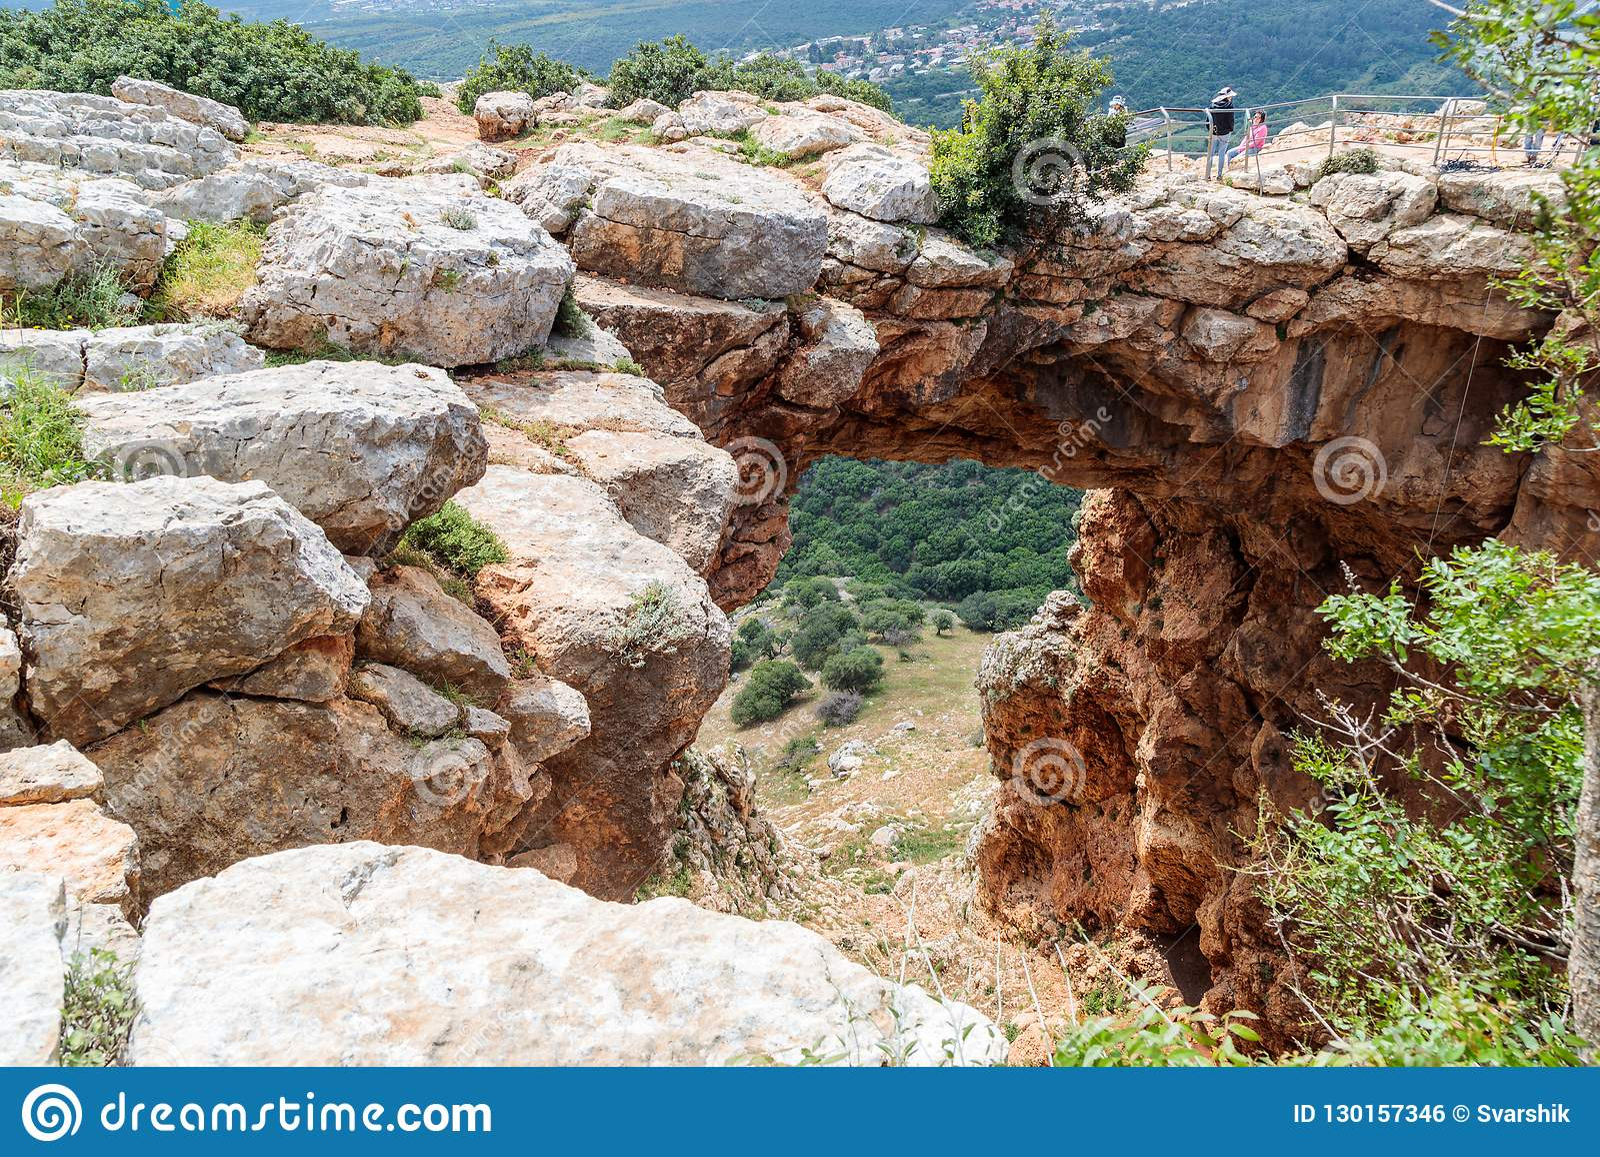 Turister står och ser den Keshet grottan - den forntida naturliga kalkstenbågen som spänner över restna av en grund grotta med at